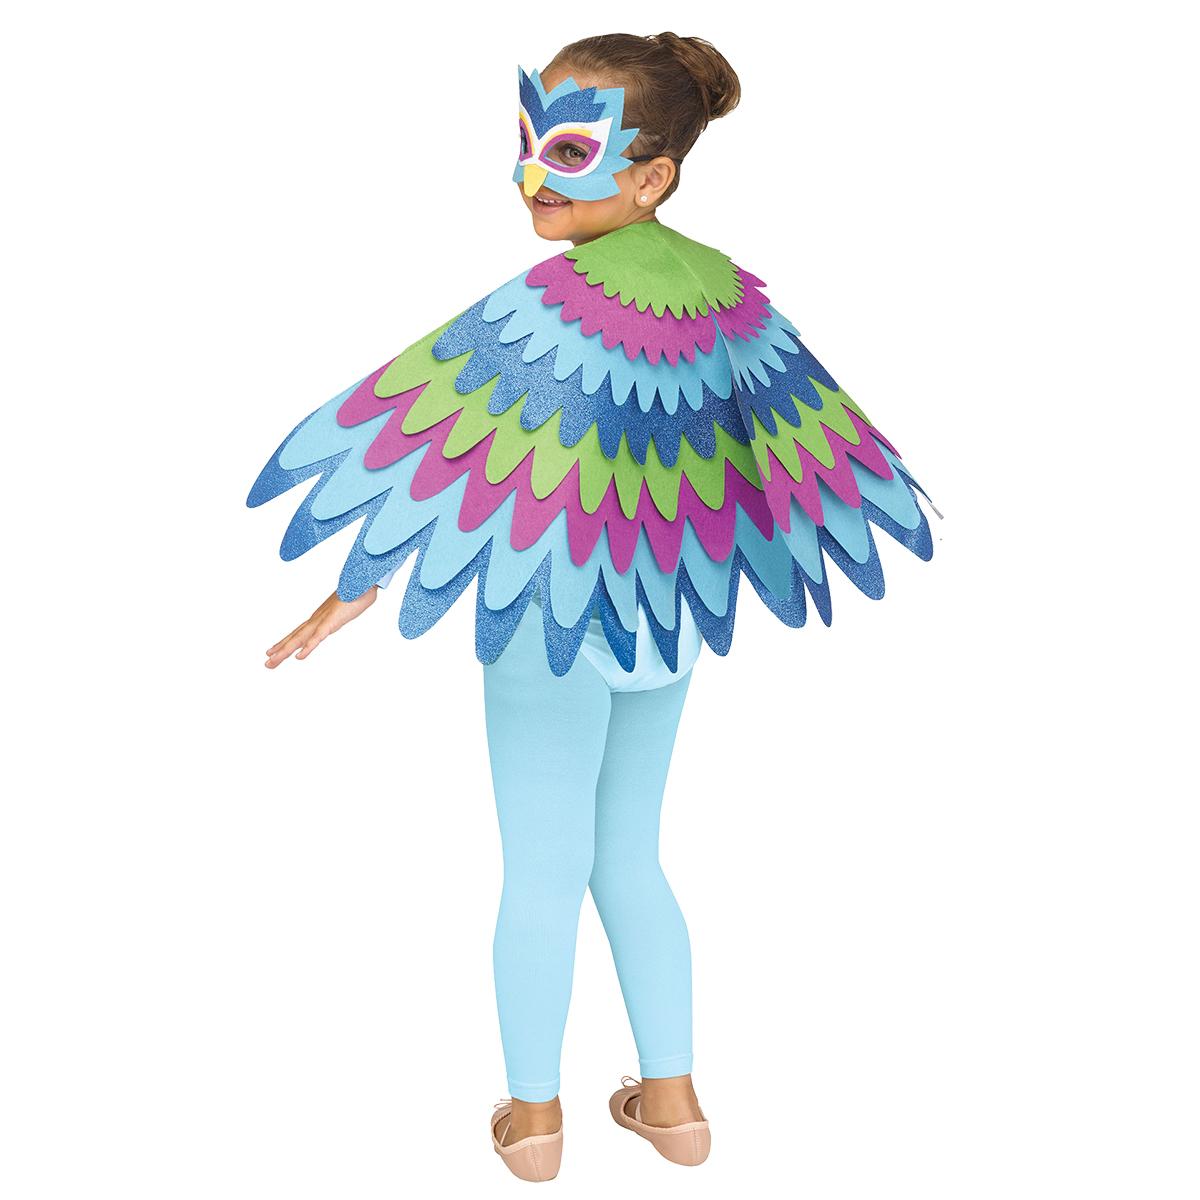 Barndräkt, påfågel cape och mask